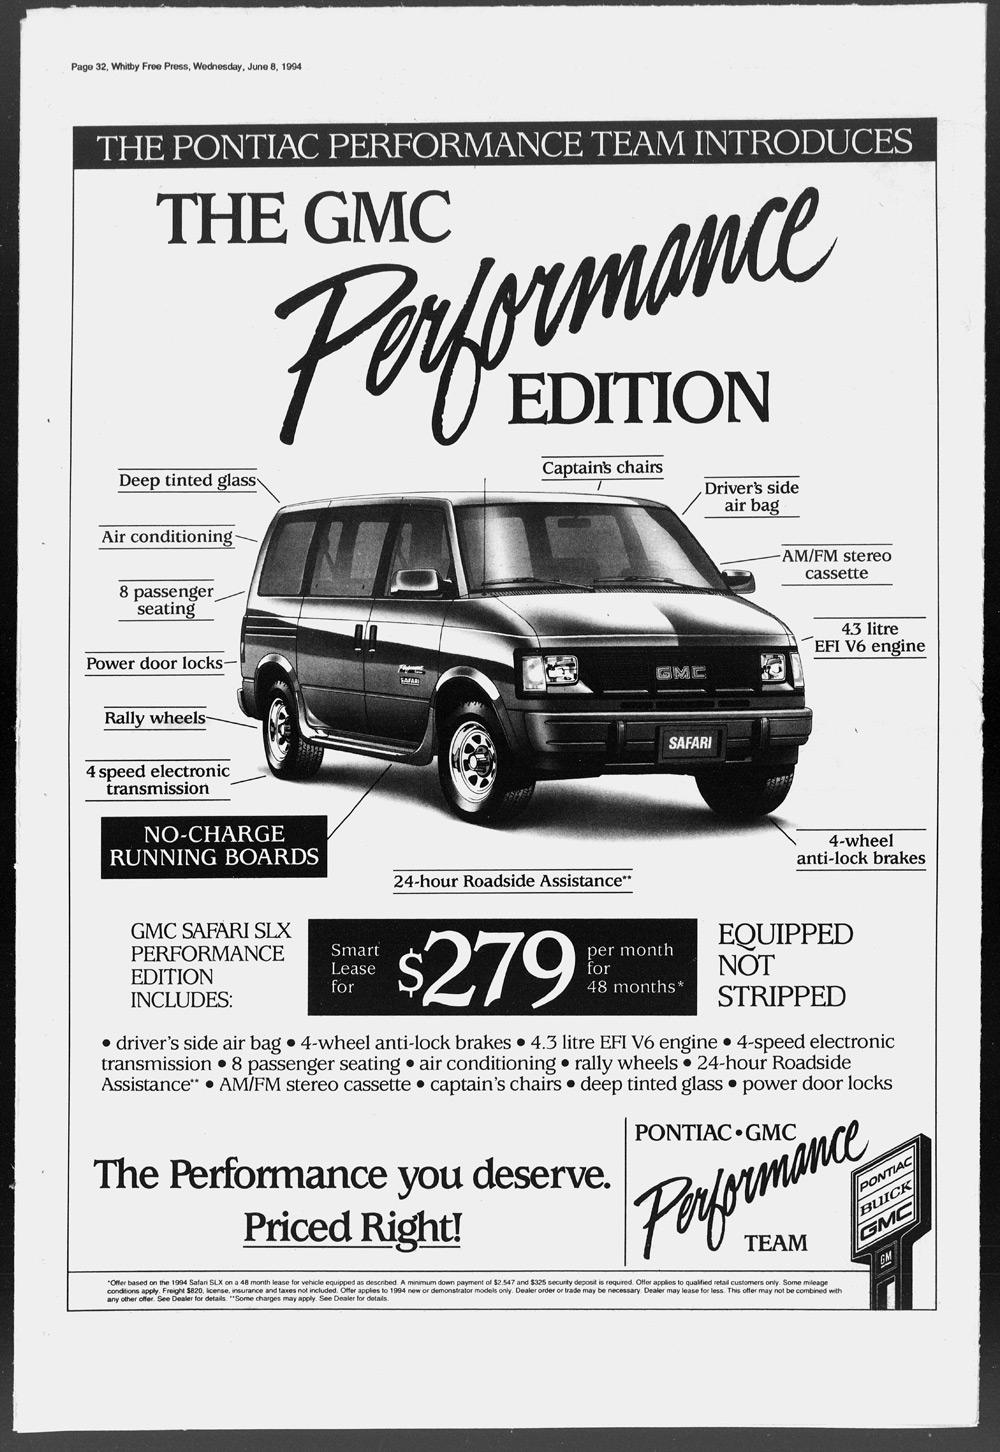 Whitby Free Press, 8 Jun 1994